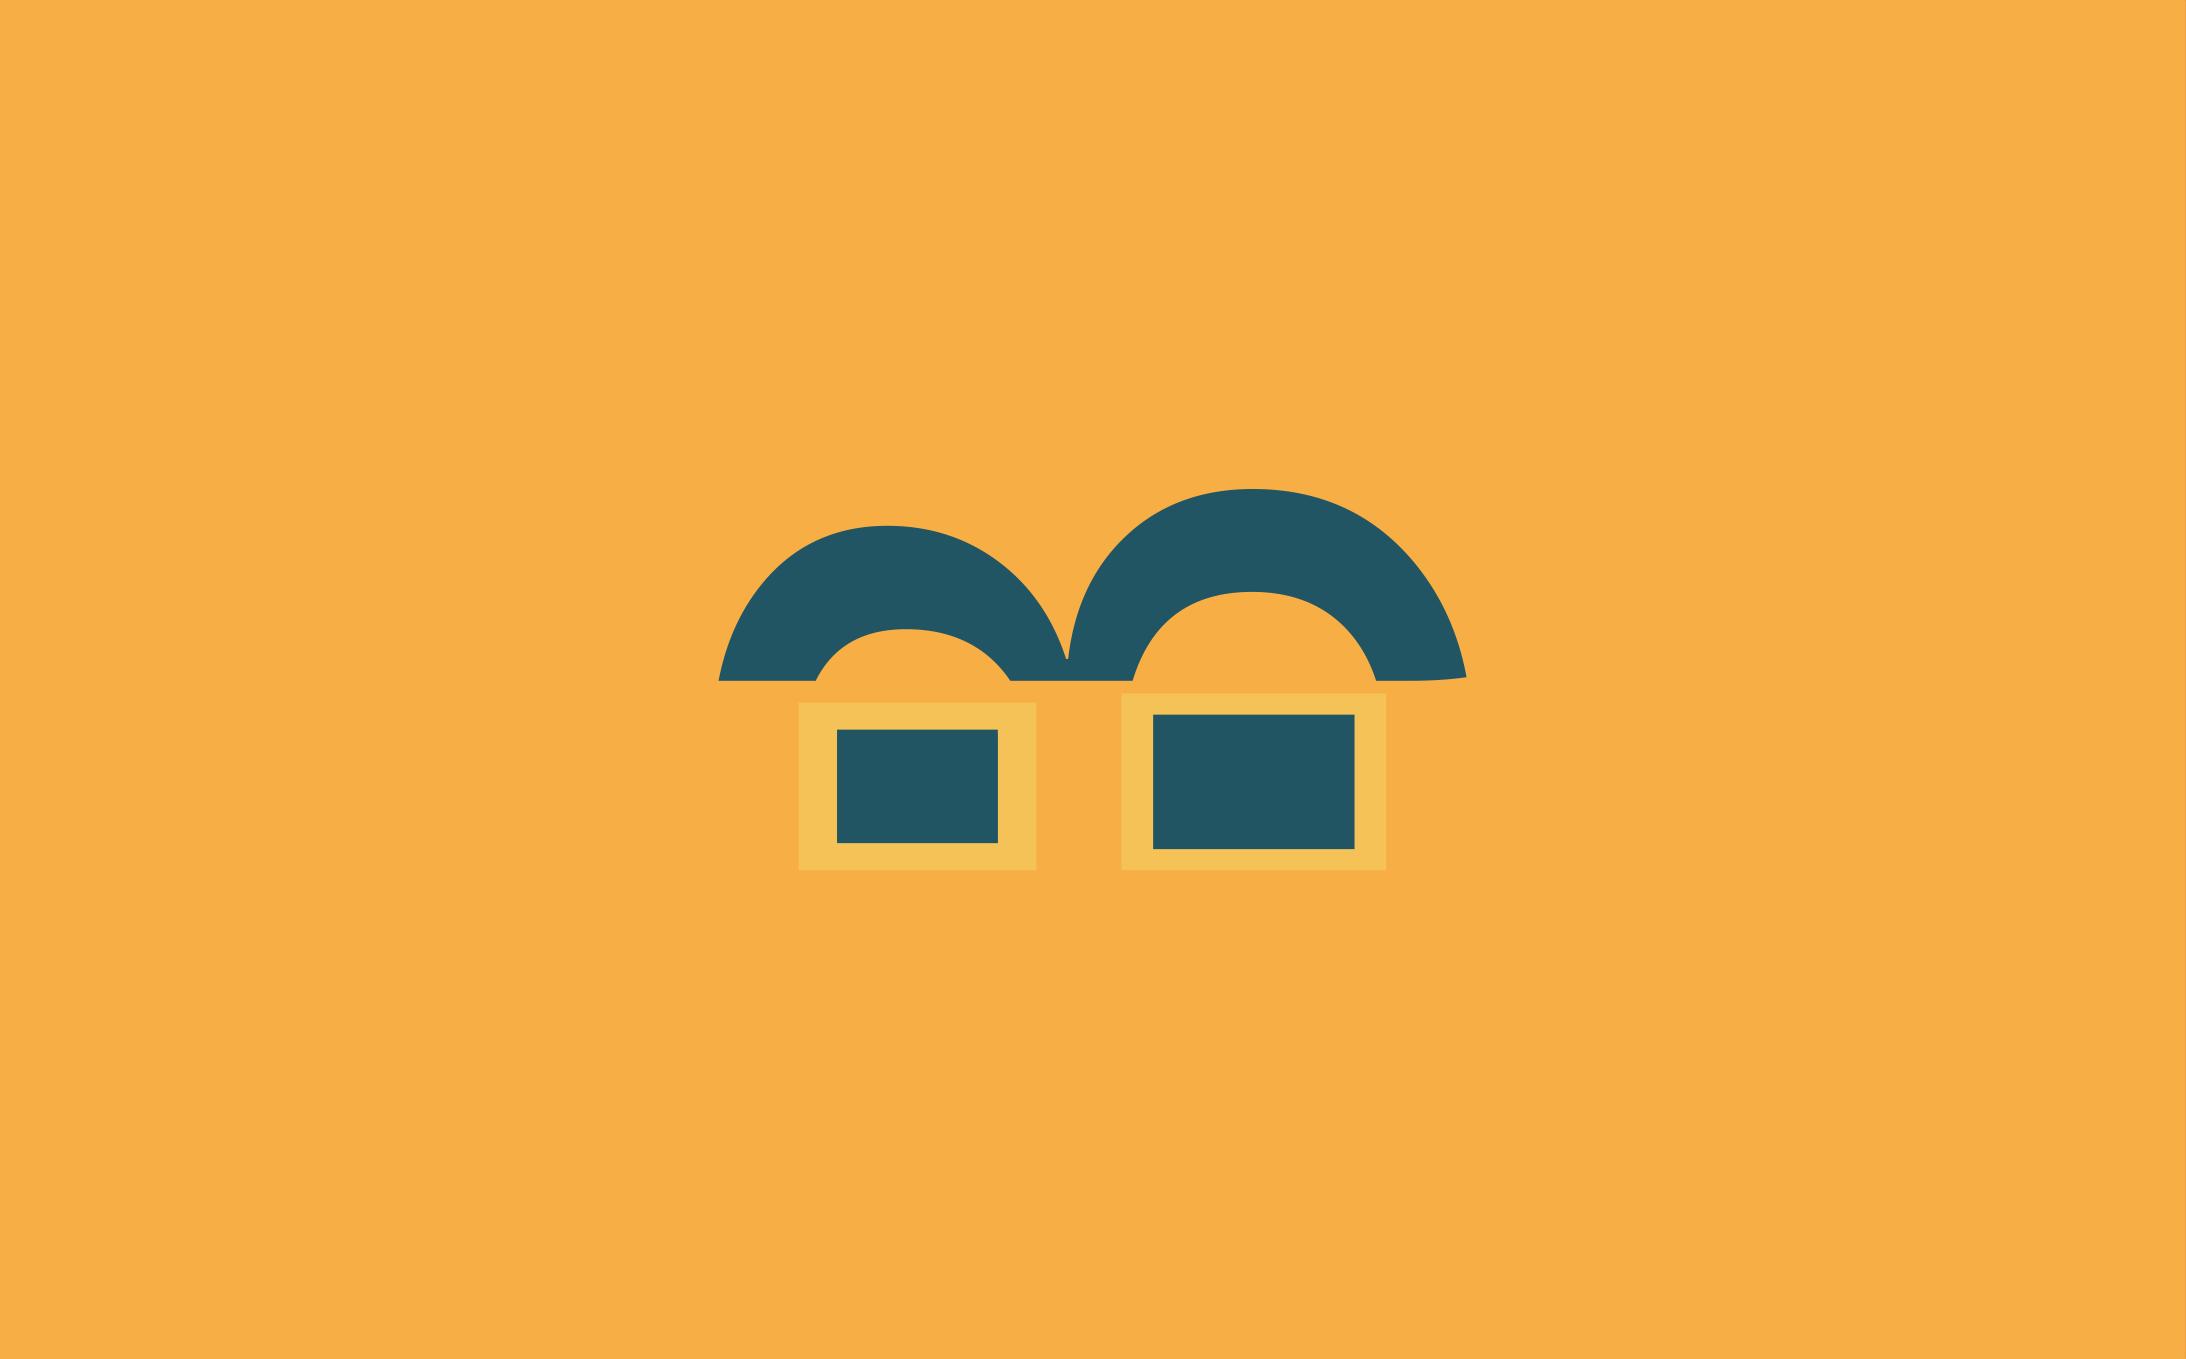 Sholeh A Abdat S Public Profile On Fiverr Fiverr Logo Creation Public Profile